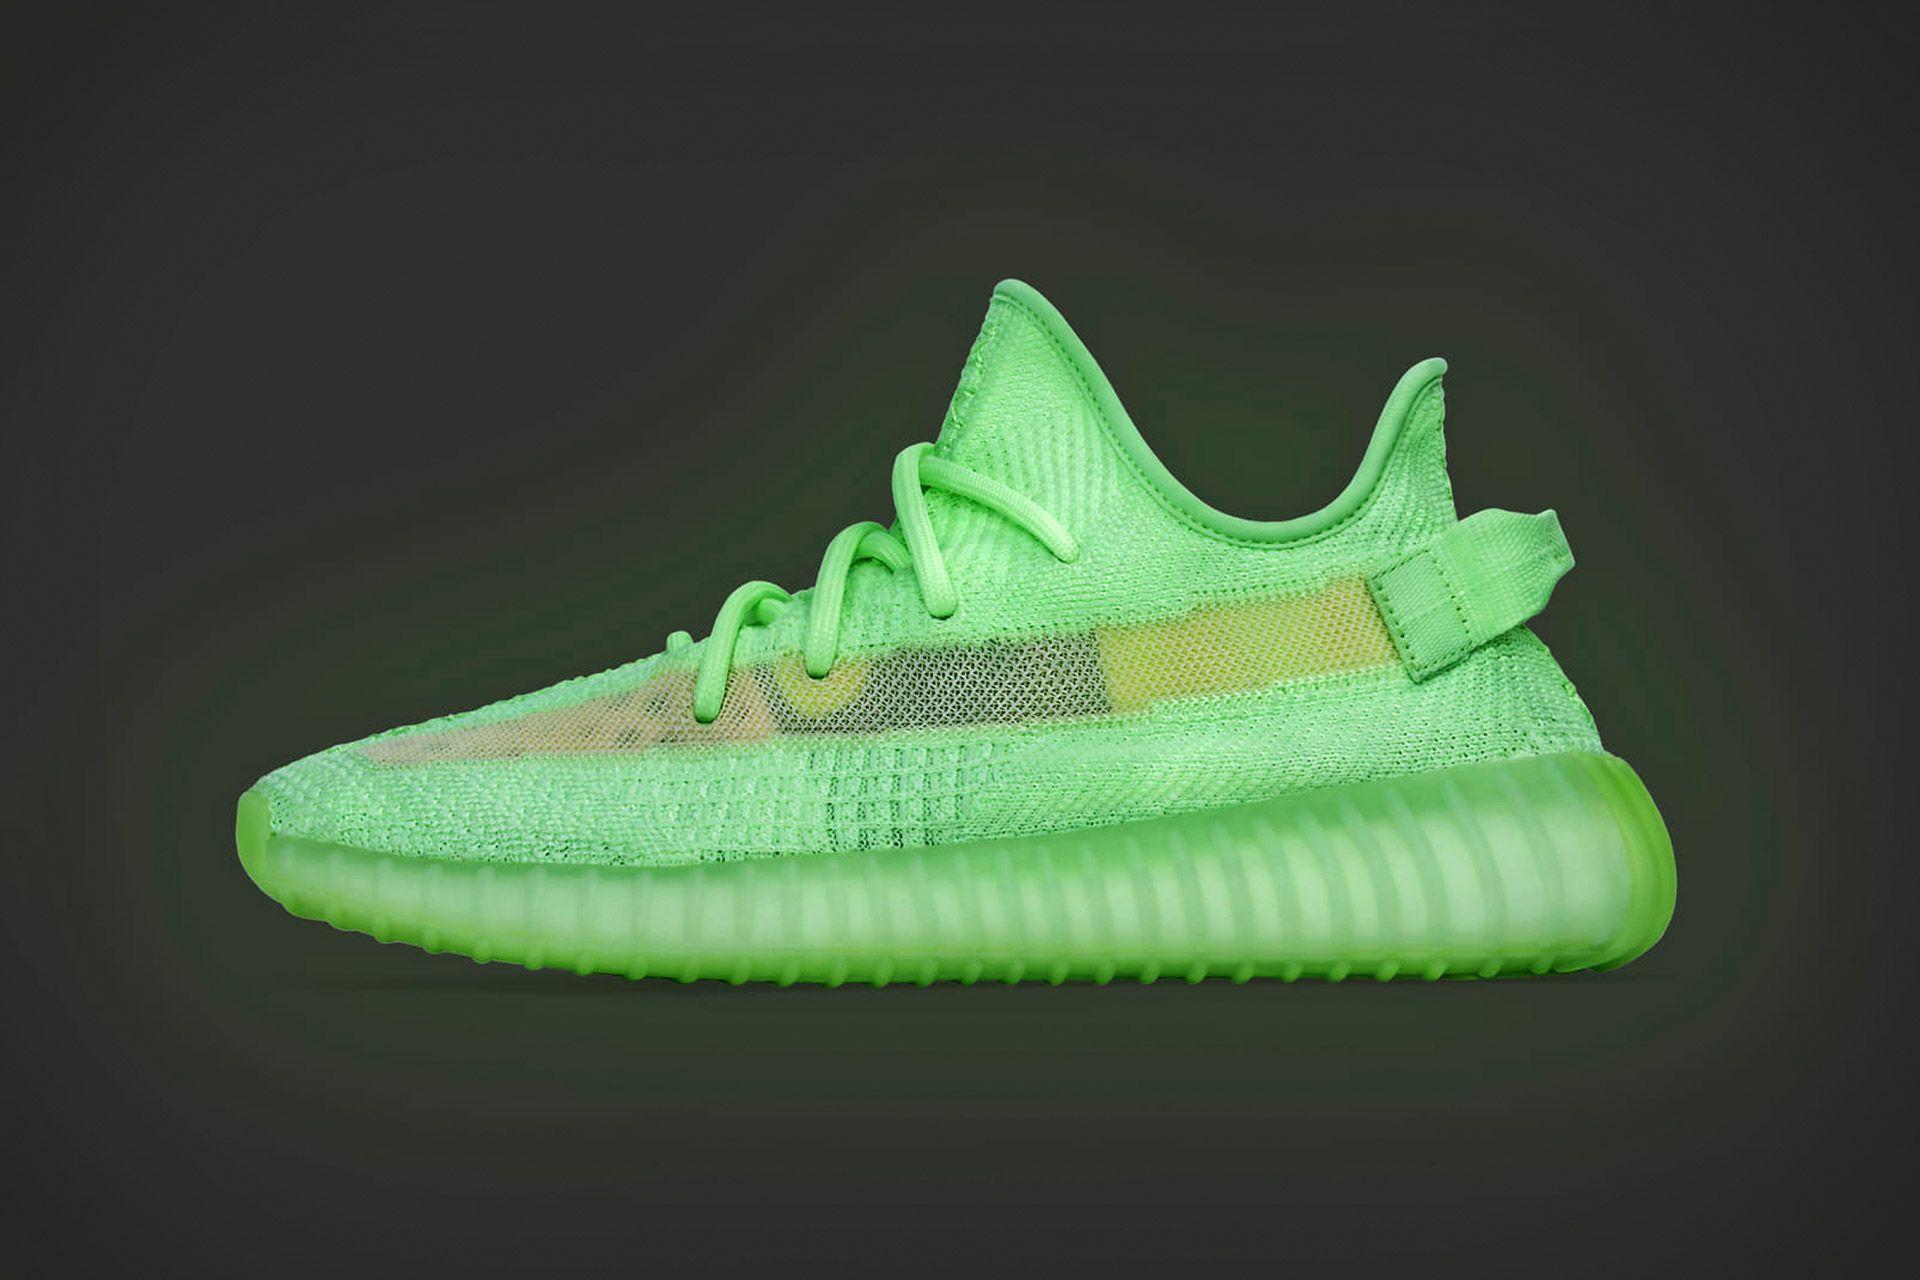 Adidas X Kanye West Yeezy Boost 350 V2 Glow Sneakers Yeezy Yeezy Boost Adidas Yeezy Boost